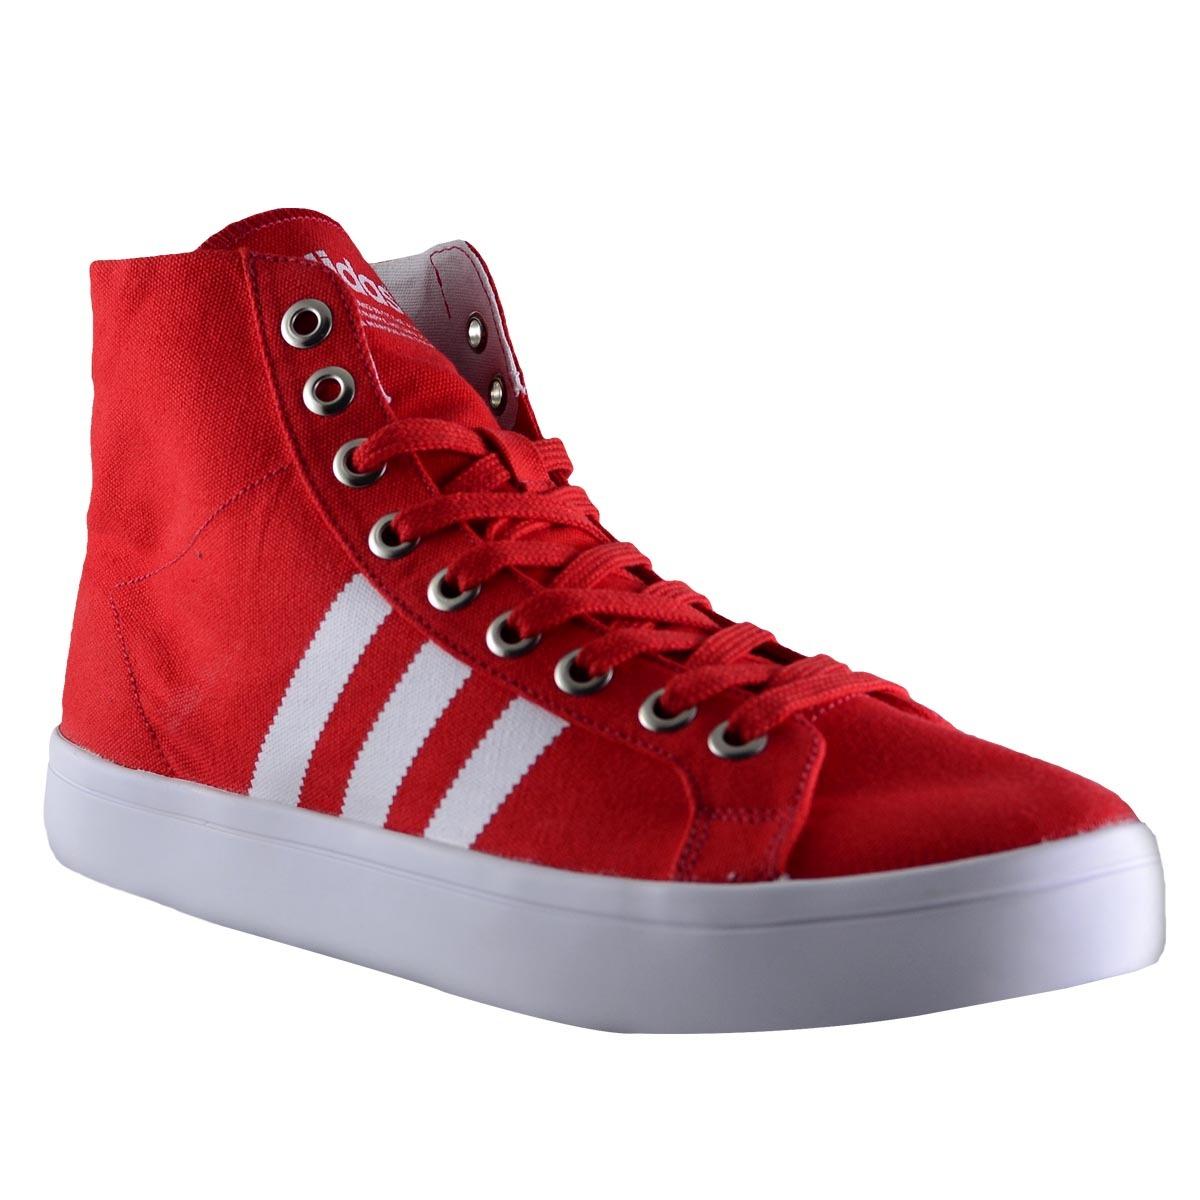 botas adidas original courtvantage mid hombre rojo. Cargando zoom. 8480702fe6ebc